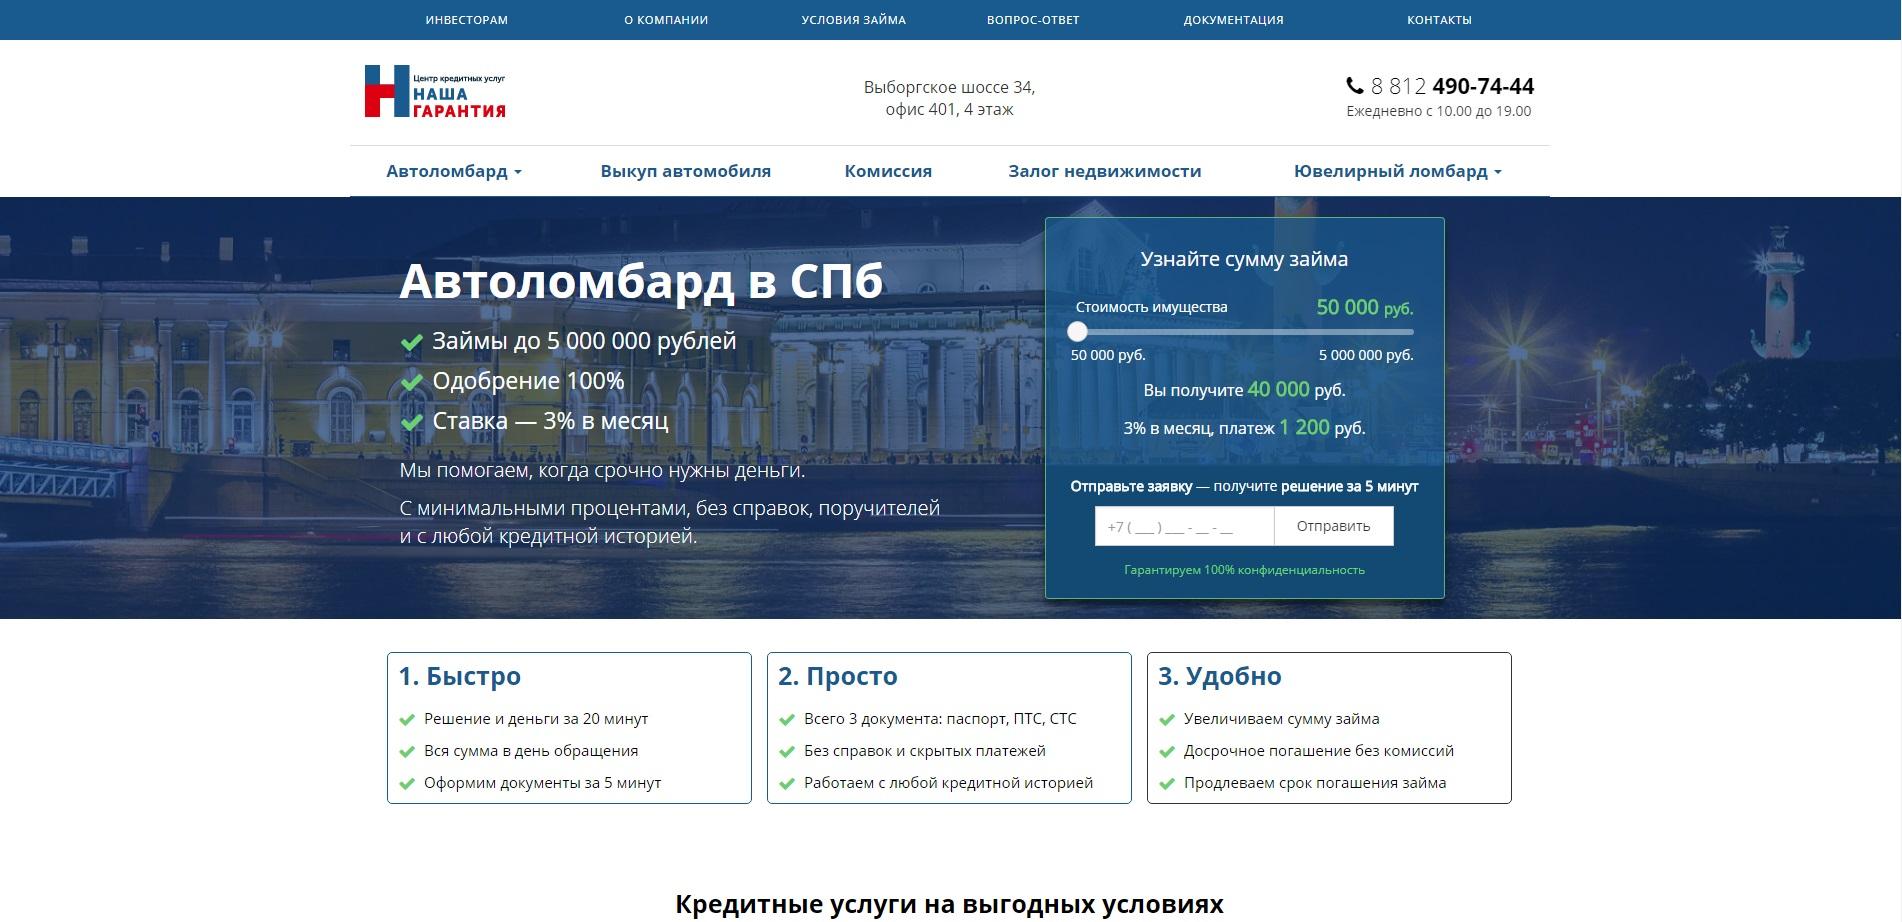 Рекламная кампания Google.AdWords для сайта nashagarantia.ru